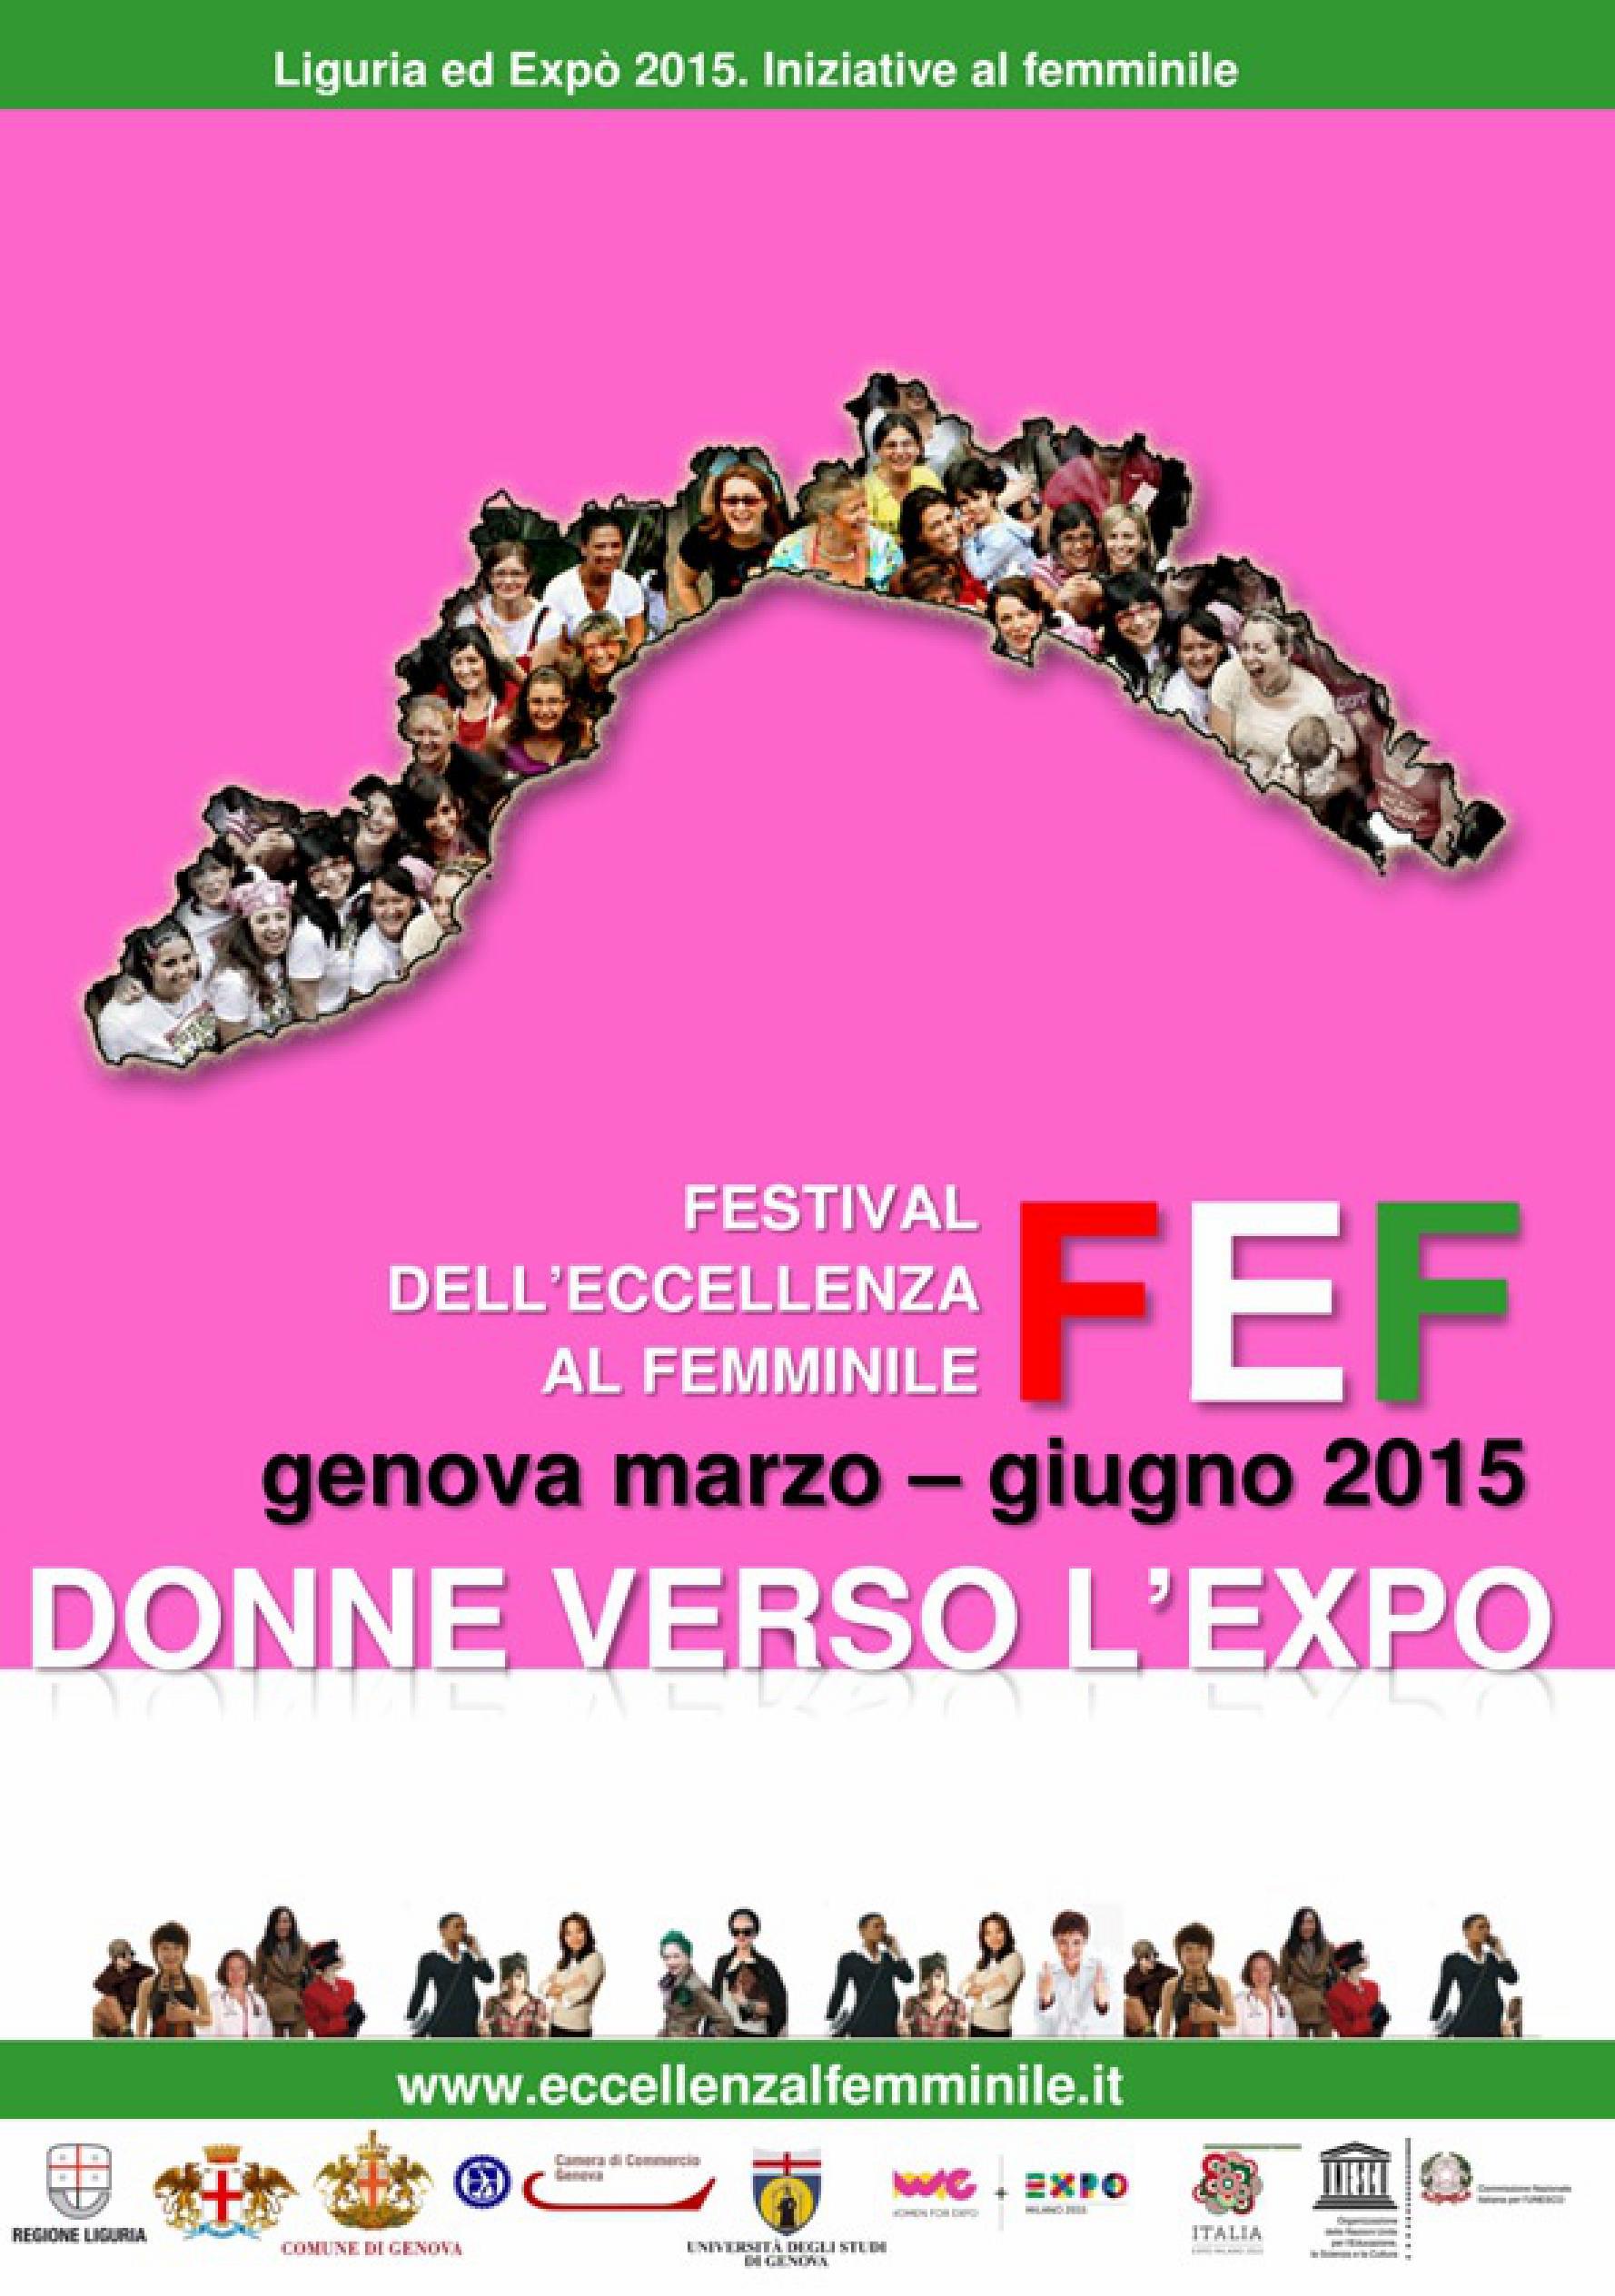 DONNE VERSO L'EXPO 01